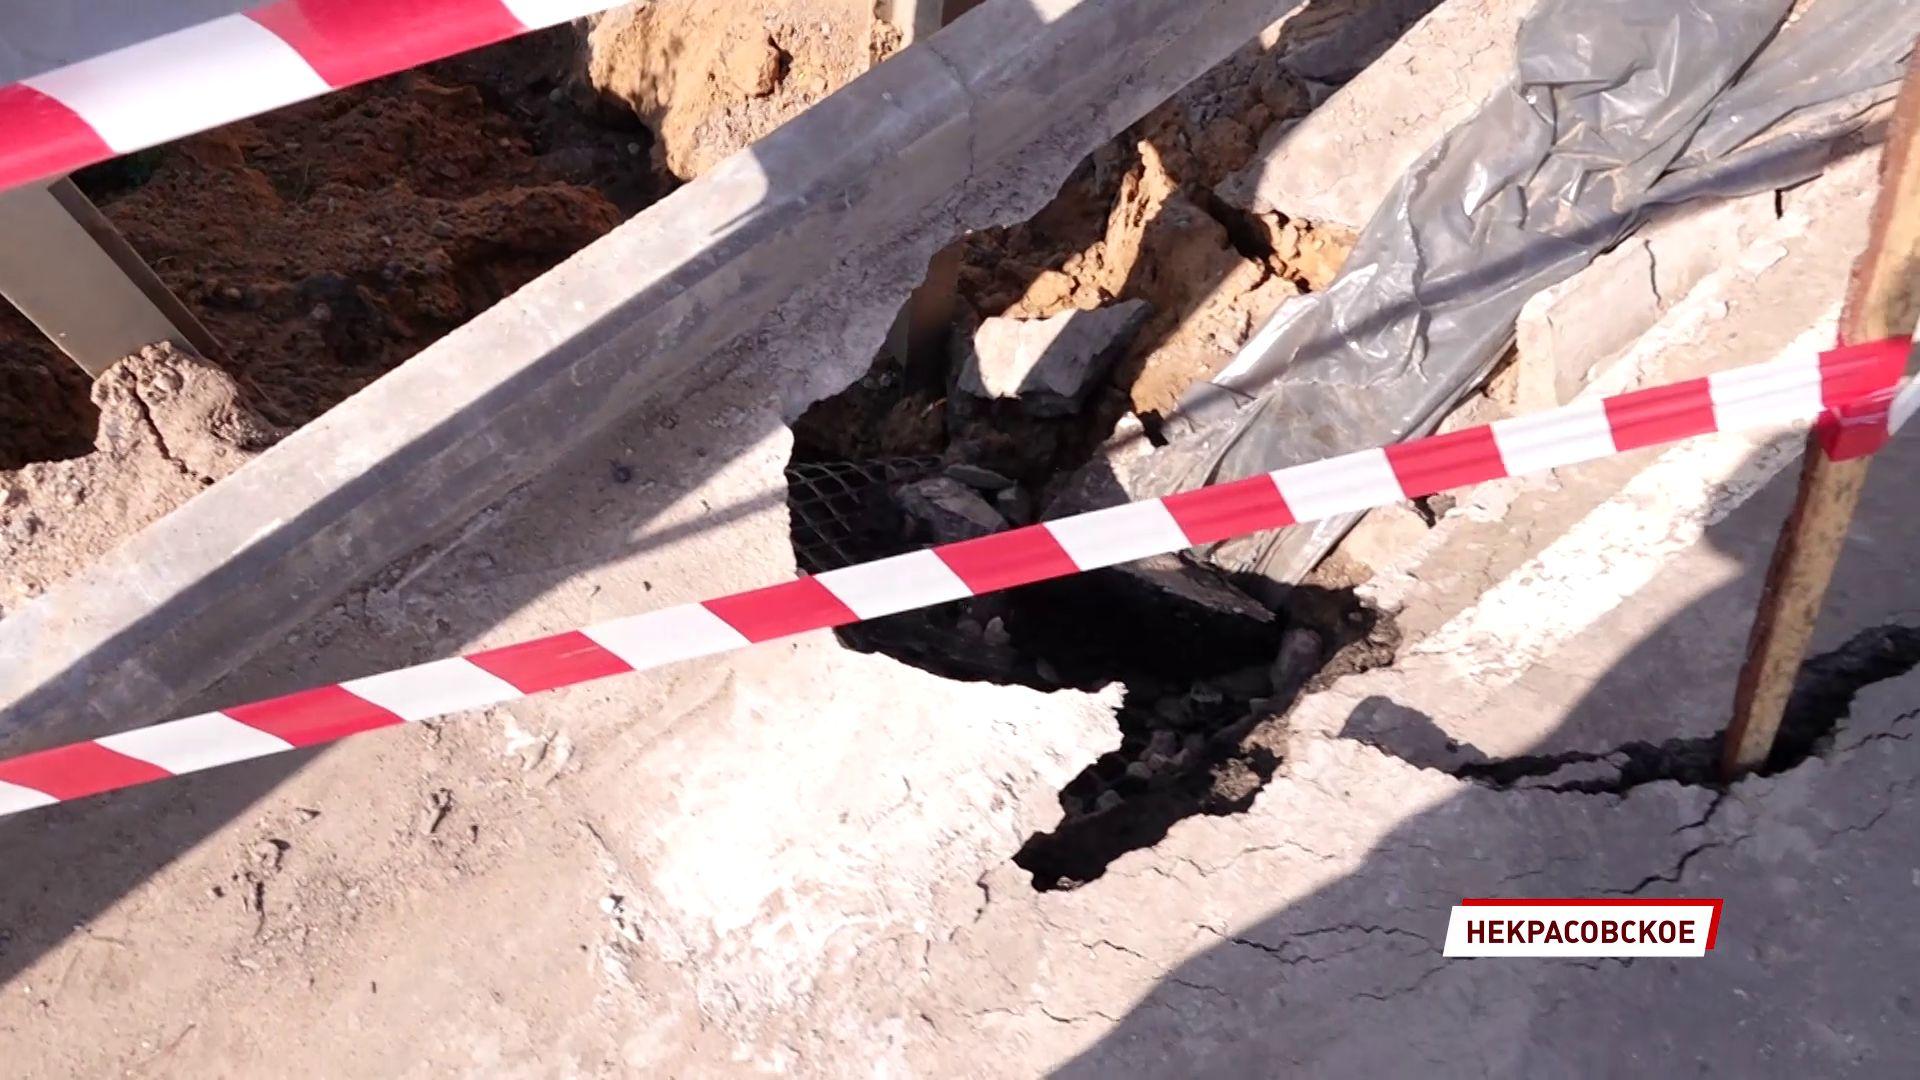 Мост в отличном состоянии: специалисты нашли несколько способов решения проблемы с размывом склона дамбы в Некрасовском